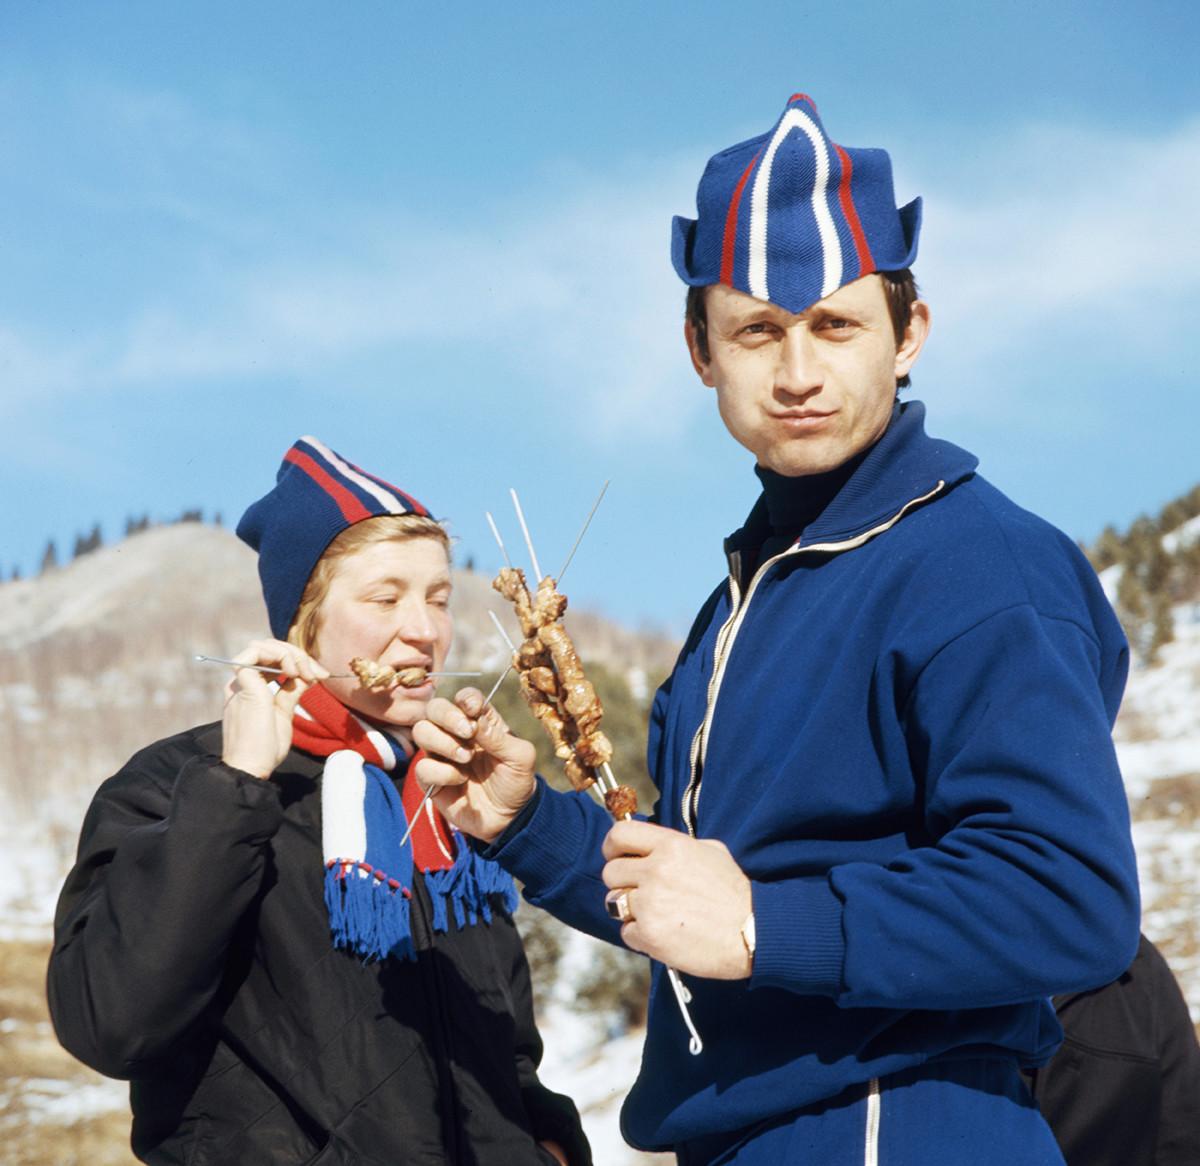 Alma-Ata, RSS du Kazakhstan. Les membres de l'équipe nationale de patinage de vitesse de l'URSS Lyudmila Fechina et Valery Kaplan prenant du repos à Medeo. 1970